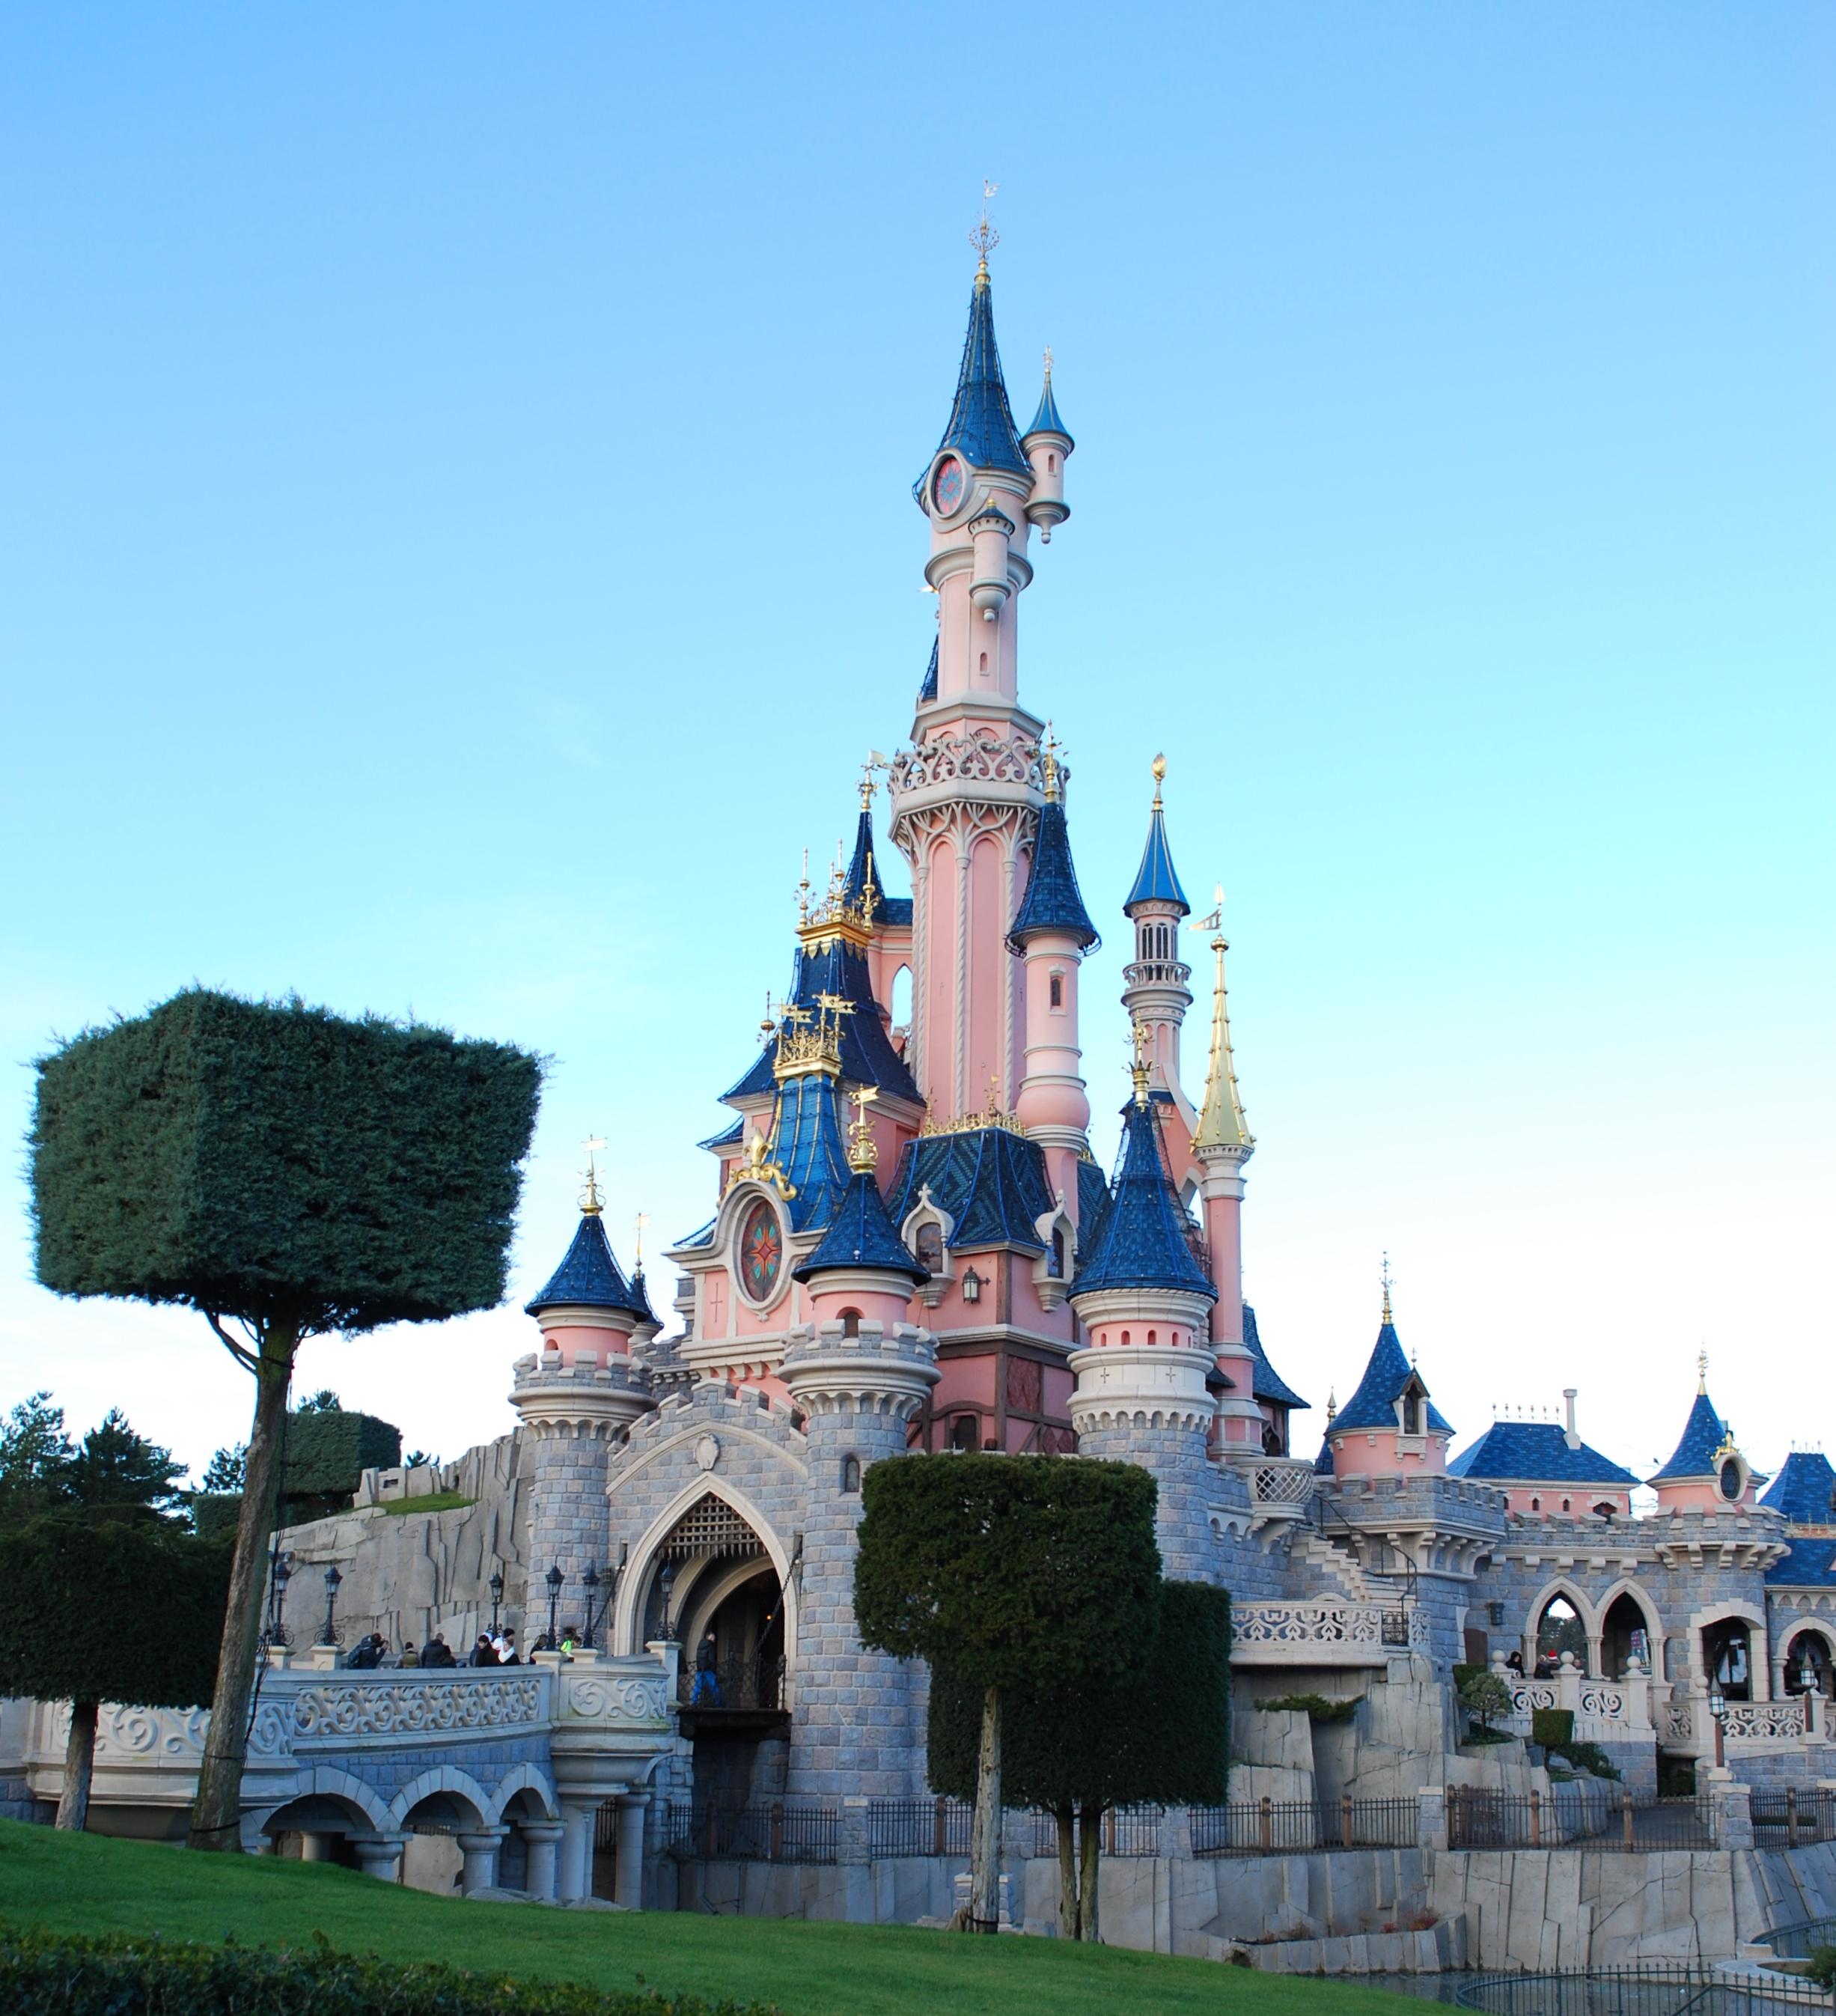 Le ch teau de la belle au bois dormant sleeping beauty cas flickr photo sharing - Chateau la belle au bois dormant ...